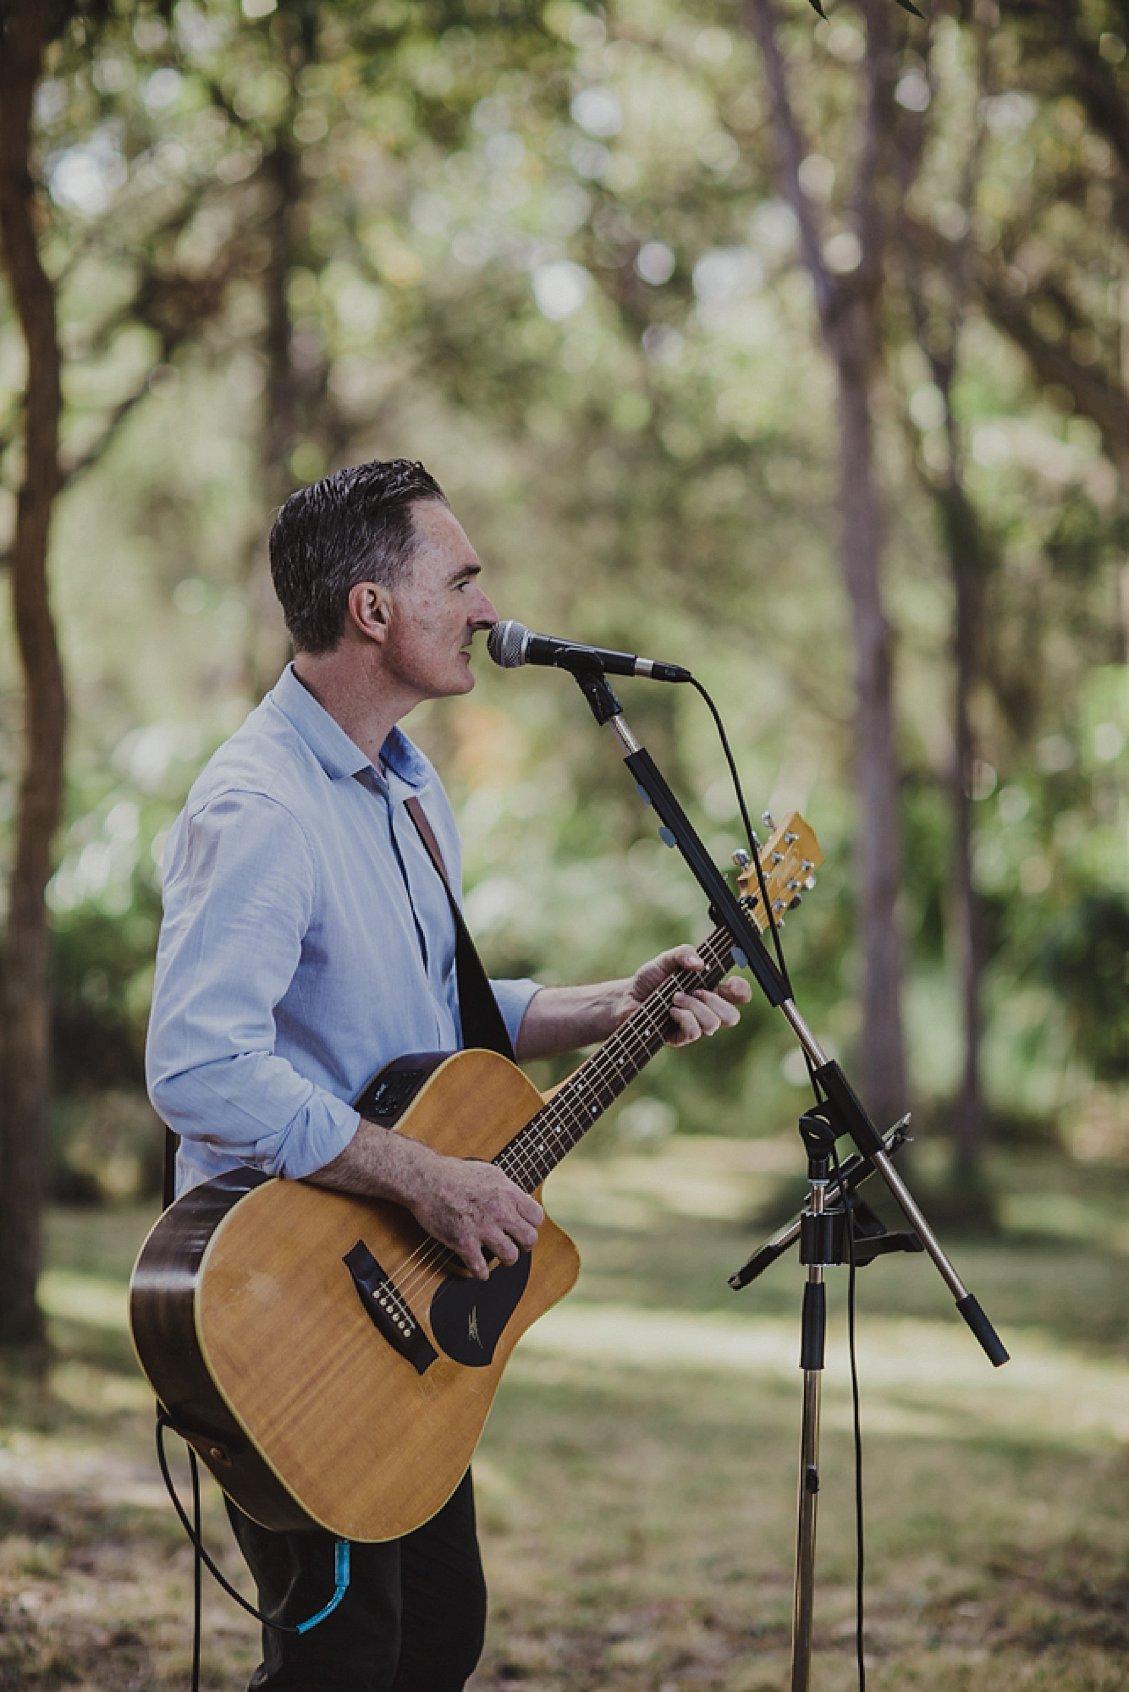 margaret-river-wedding-photographer-25.jpg